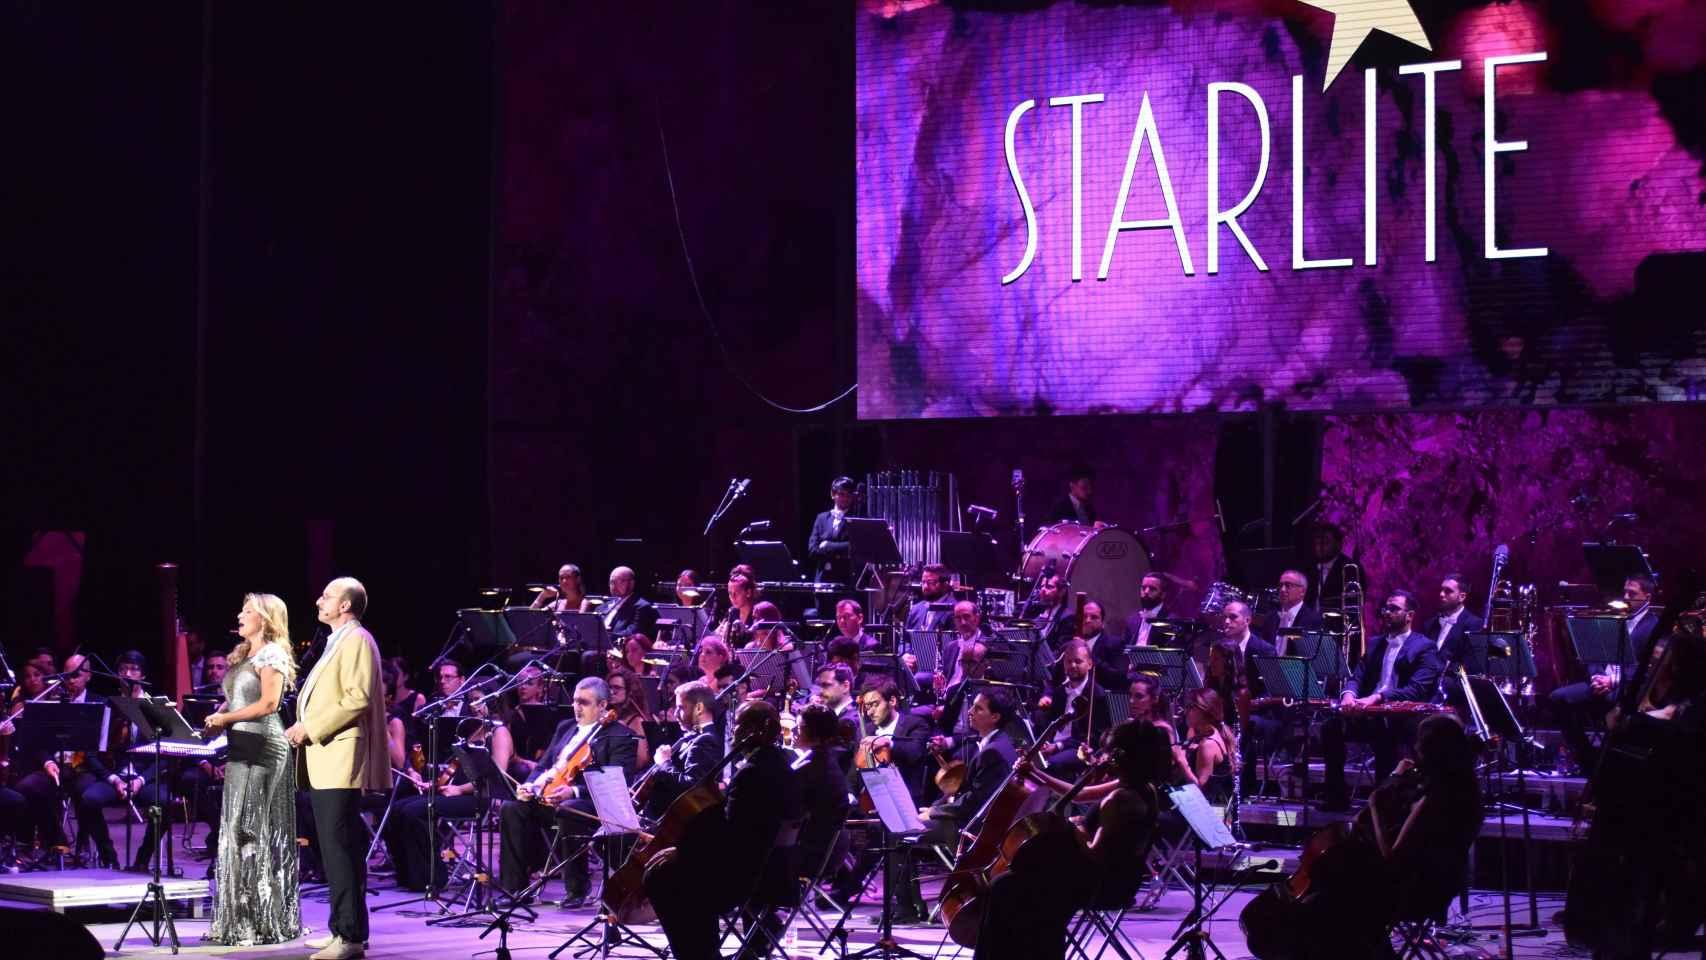 Ainhoa Arteta y Dwayne Croft durante un concierto en Starlite.